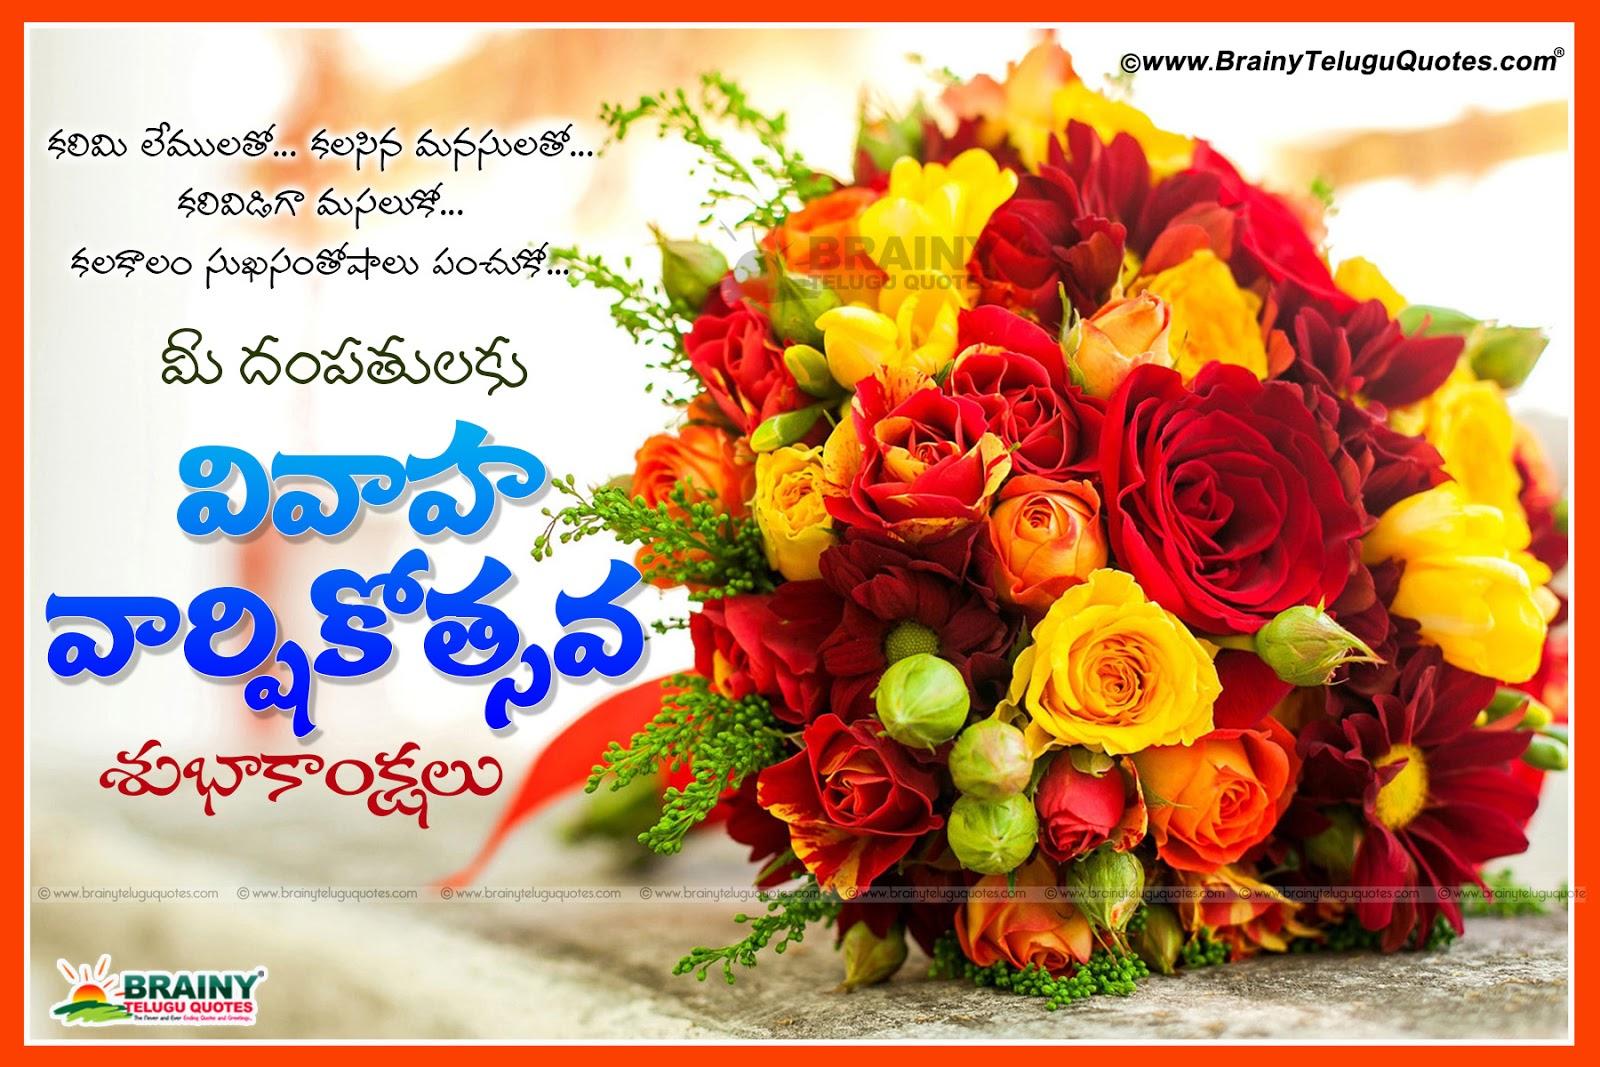 Telugu Marriage Day Wishes Pelliroju Subhakankshalu Happy Anniversary Wishes Greetings Sms Text Messages Brainyteluguquotes Comtelugu Quotes English Quotes Hindi Quotes Tamil Quotes Greetings